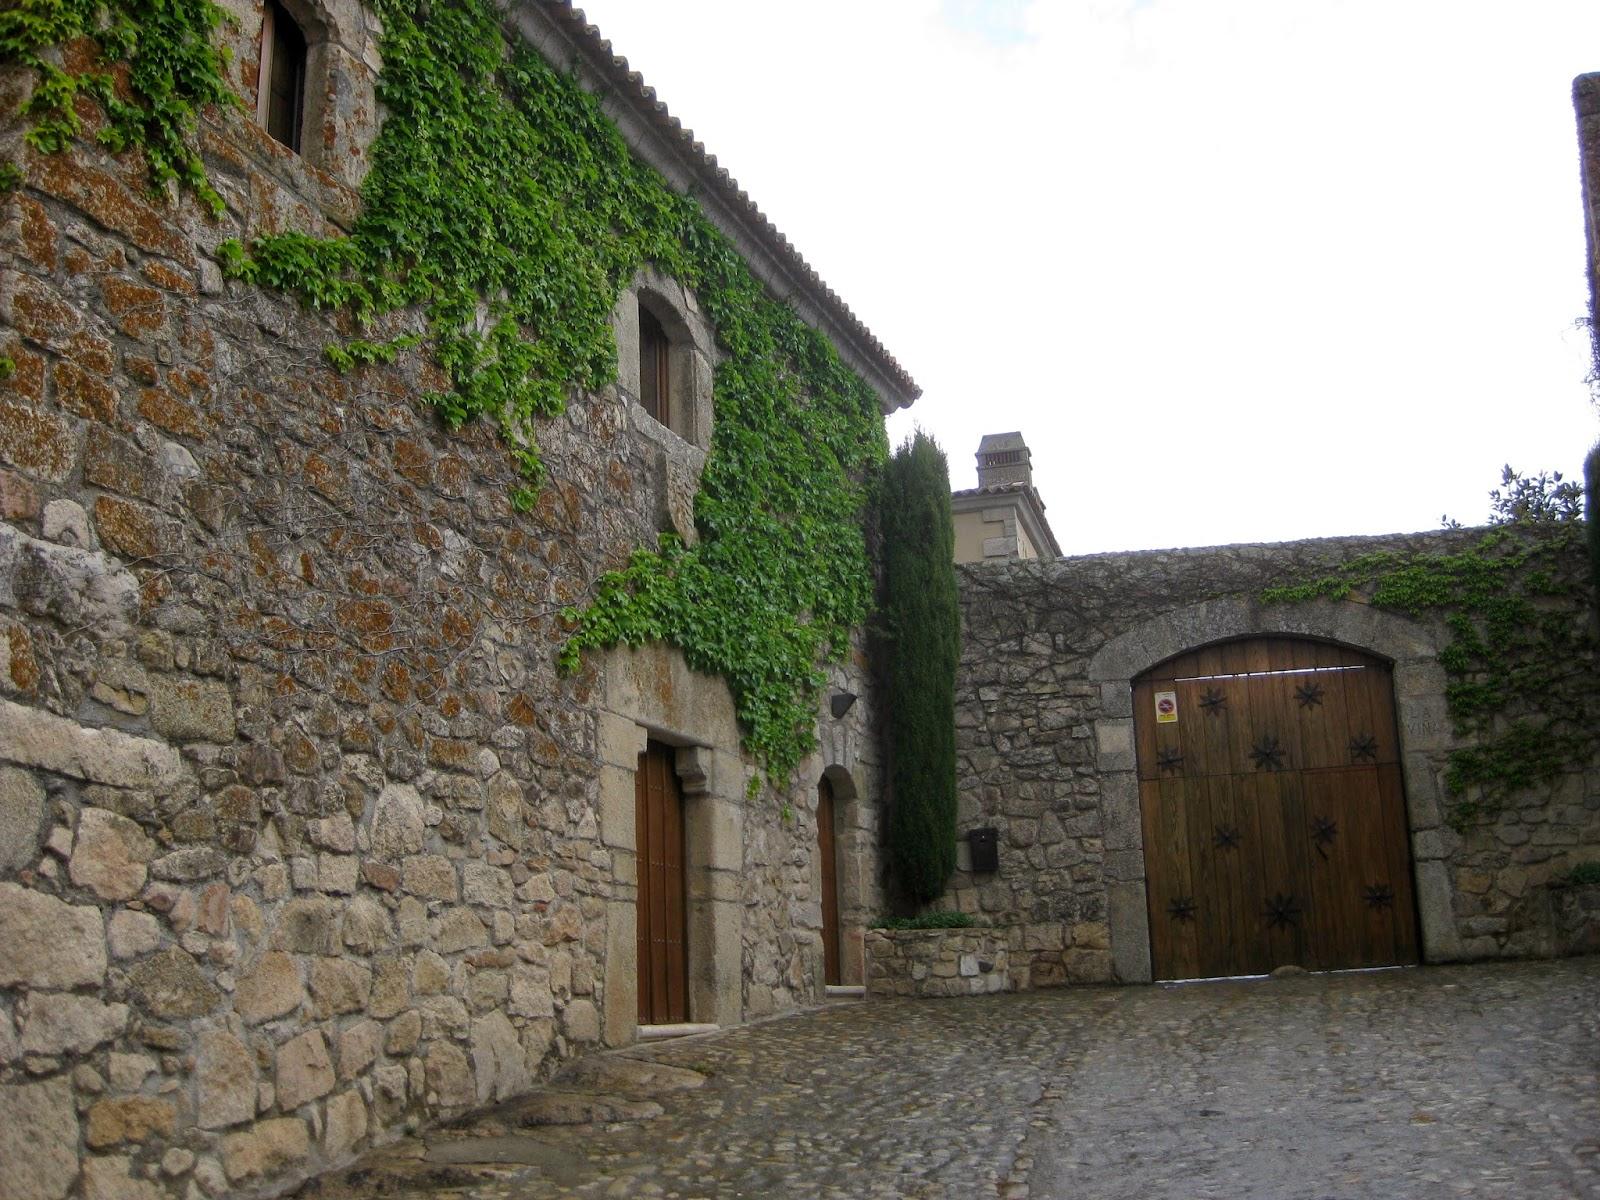 La Ruta de Isabel. Palacios de Trujillo